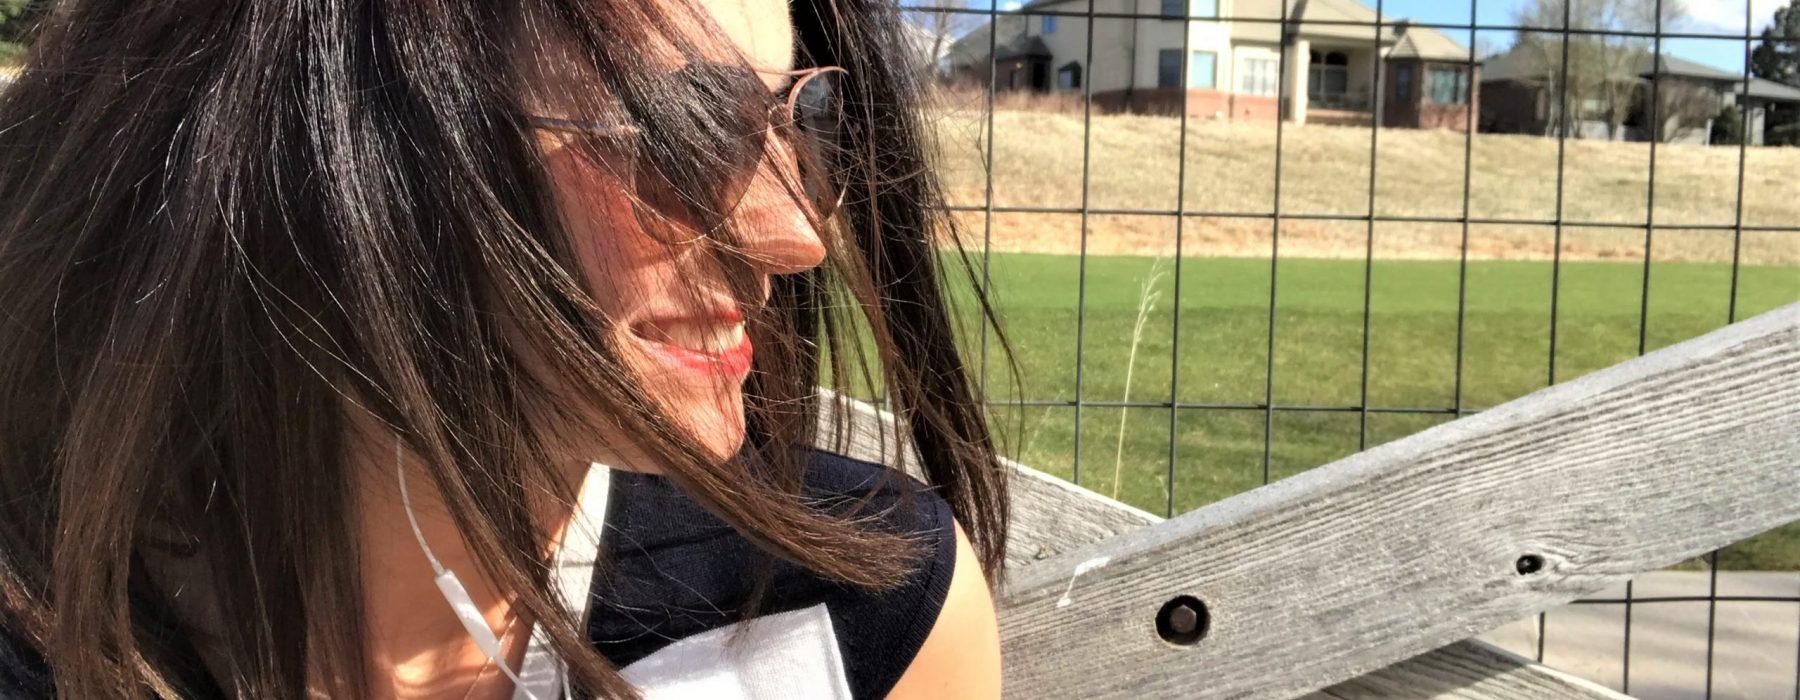 jak blog zmienił życie